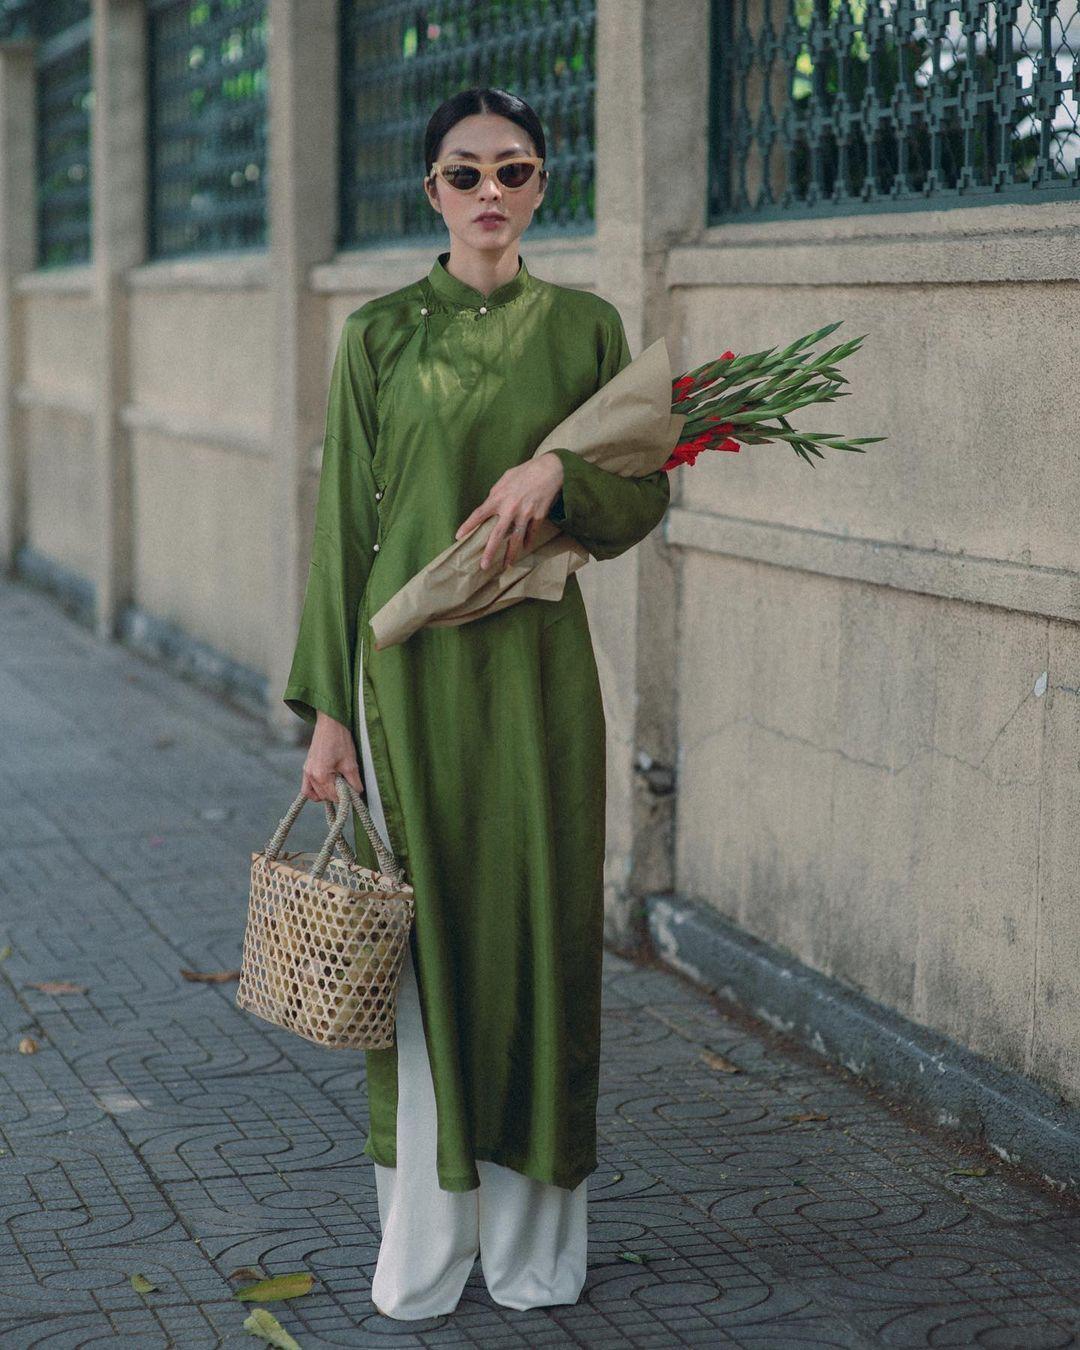 """Instagram look của sao Việt tuần qua: Đồ đen """"chiếm sóng"""", riêng Hà Tăng khoe khí chất cao sang với áo dài - Ảnh 9."""